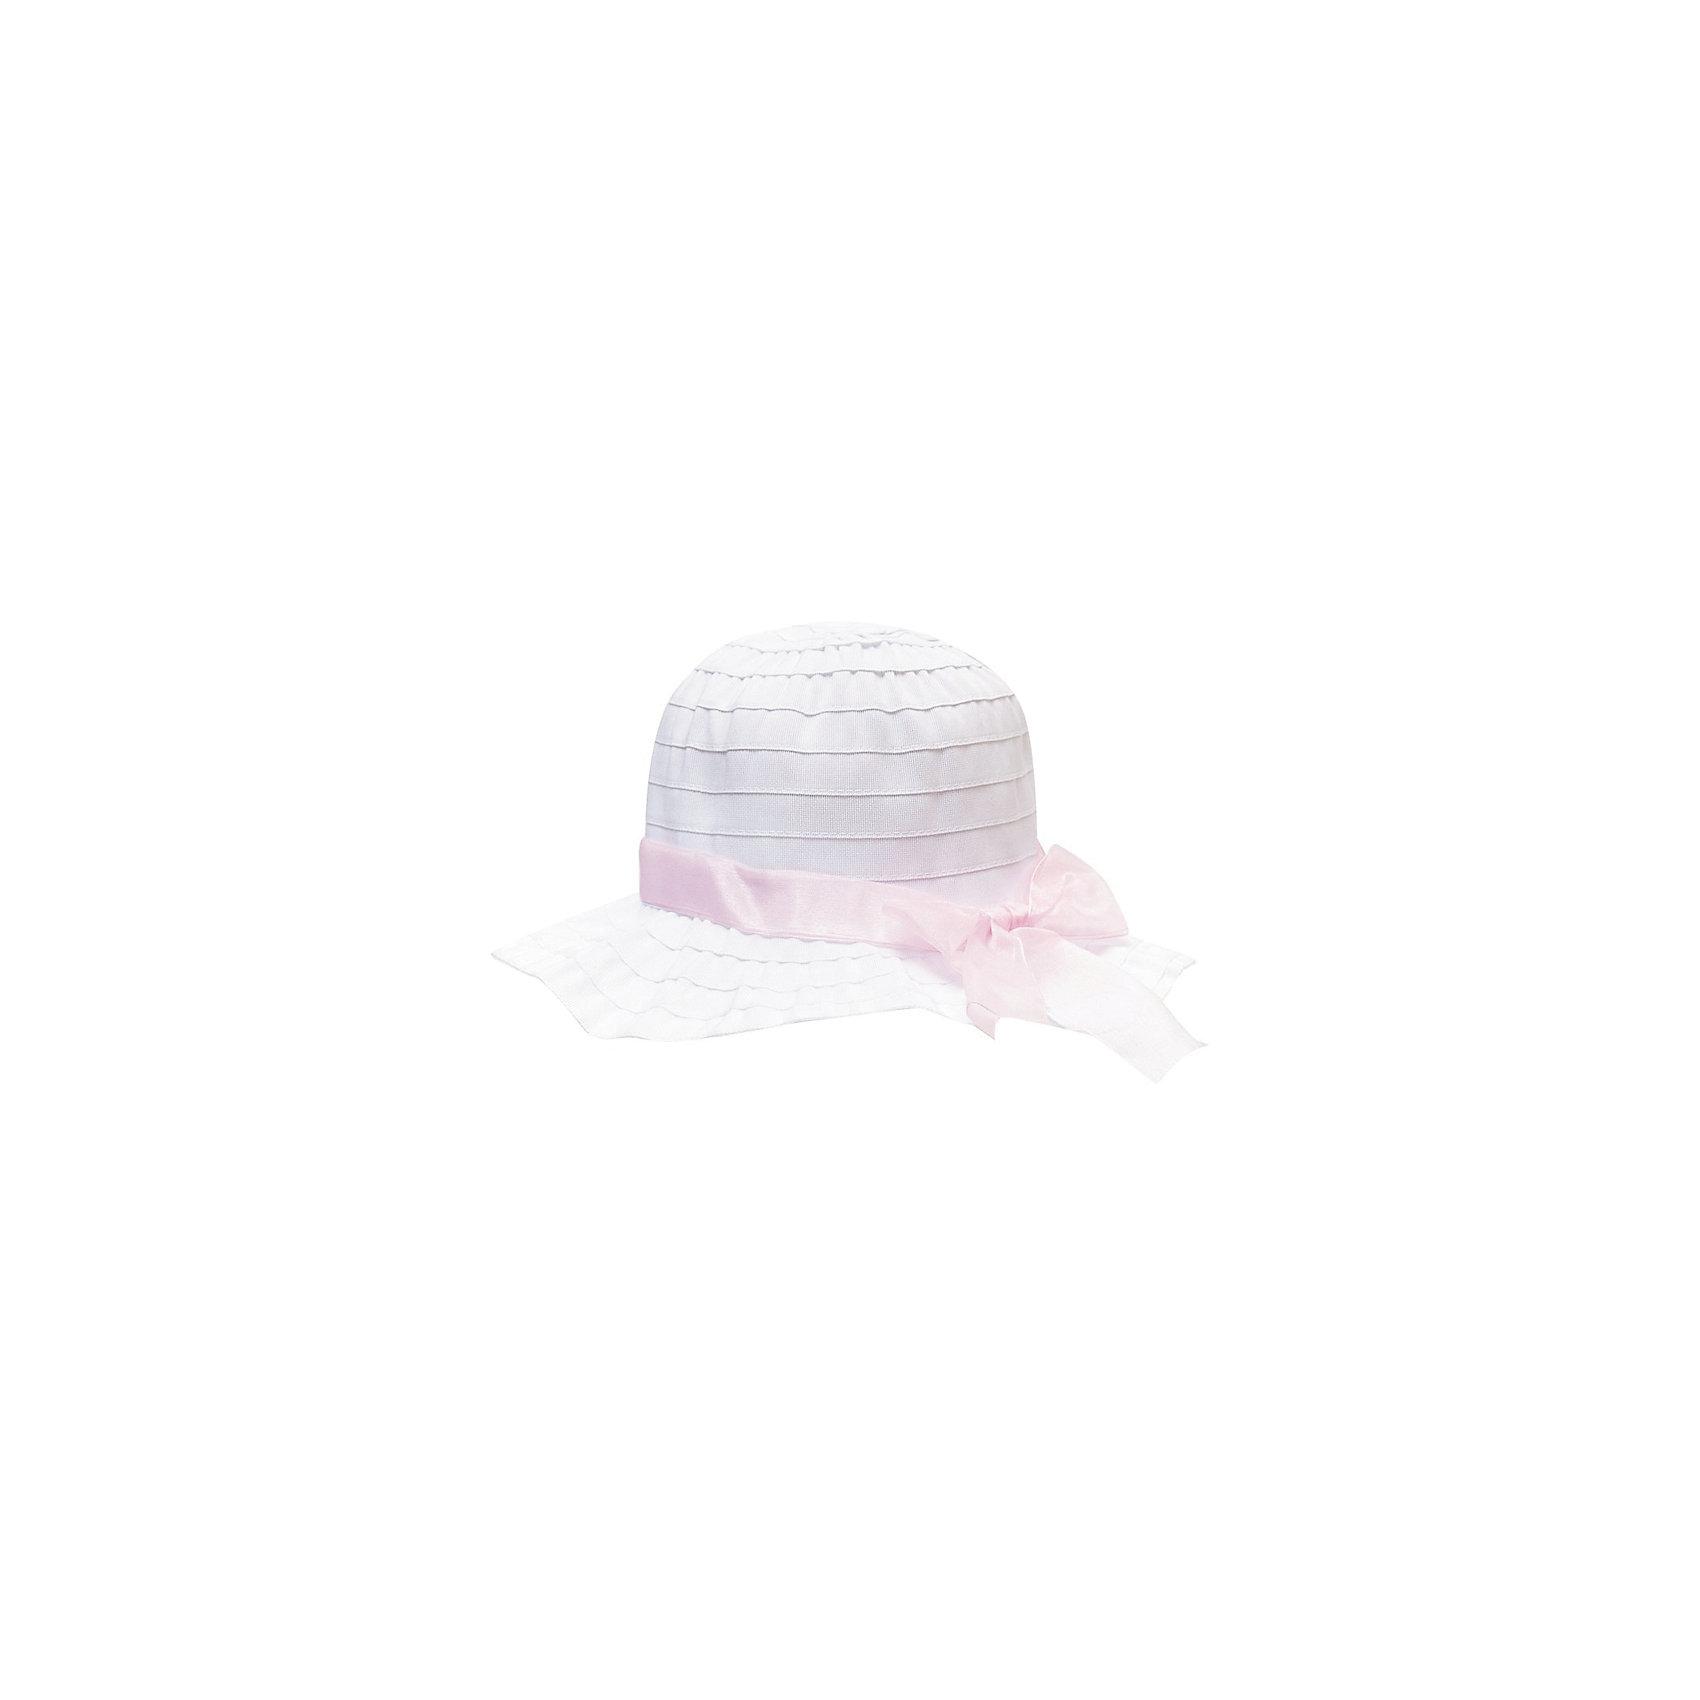 Панама для девочки PlayTodayЛетние<br>Панама для девочки от известного бренда PlayToday<br>Нежная панамка с розовым атласным бантиком. Защитит ребенка от жаркого солнца и создаст женственный образ.<br>Состав:<br>100% полиэстер<br><br>Ширина мм: 89<br>Глубина мм: 117<br>Высота мм: 44<br>Вес г: 155<br>Цвет: белый<br>Возраст от месяцев: 24<br>Возраст до месяцев: 36<br>Пол: Женский<br>Возраст: Детский<br>Размер: 50,54,52<br>SKU: 4789855